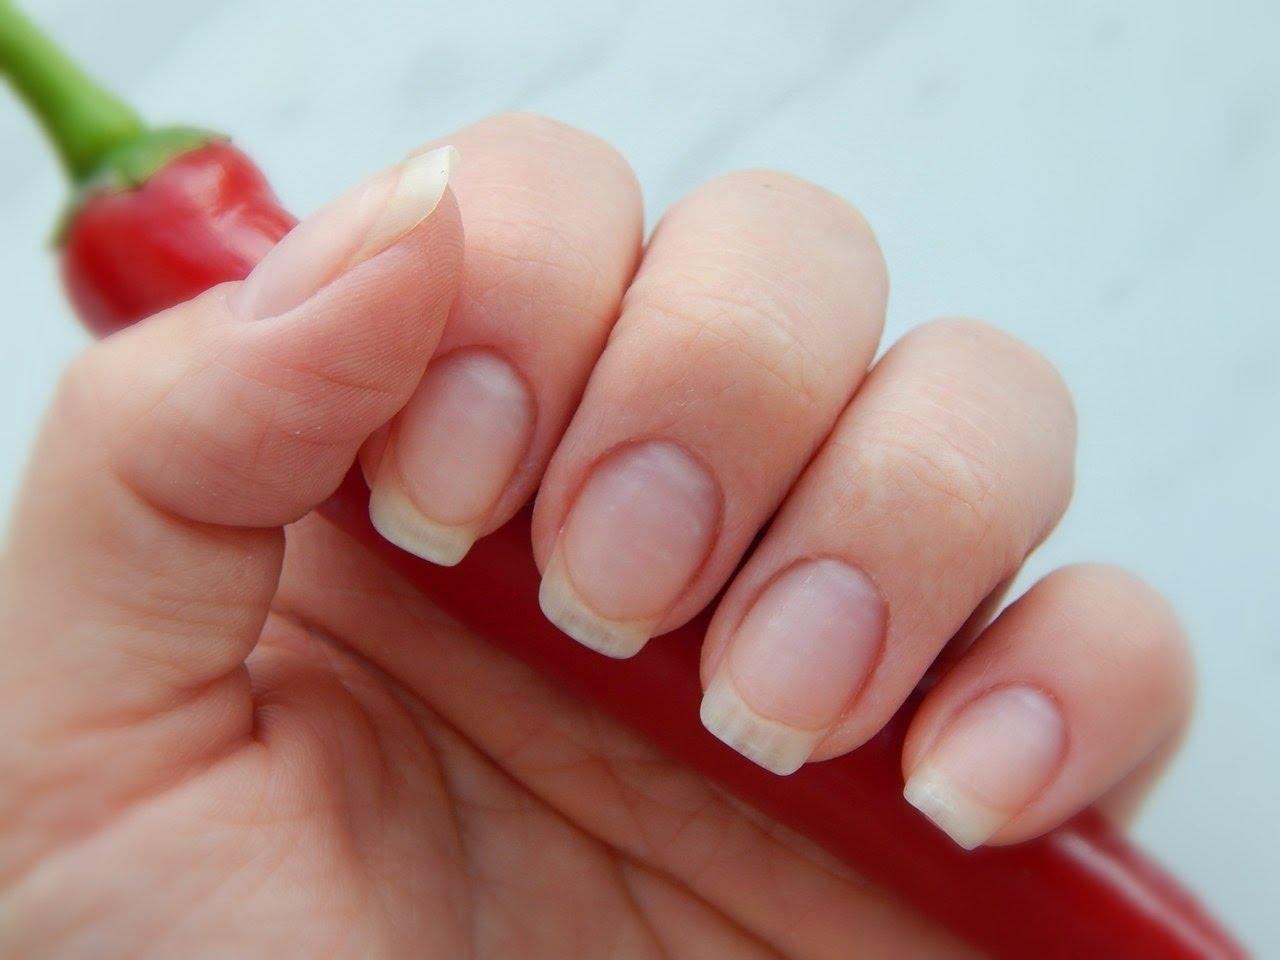 Как отрастить большие ногти за пару дней? Укрепляющие ванночки